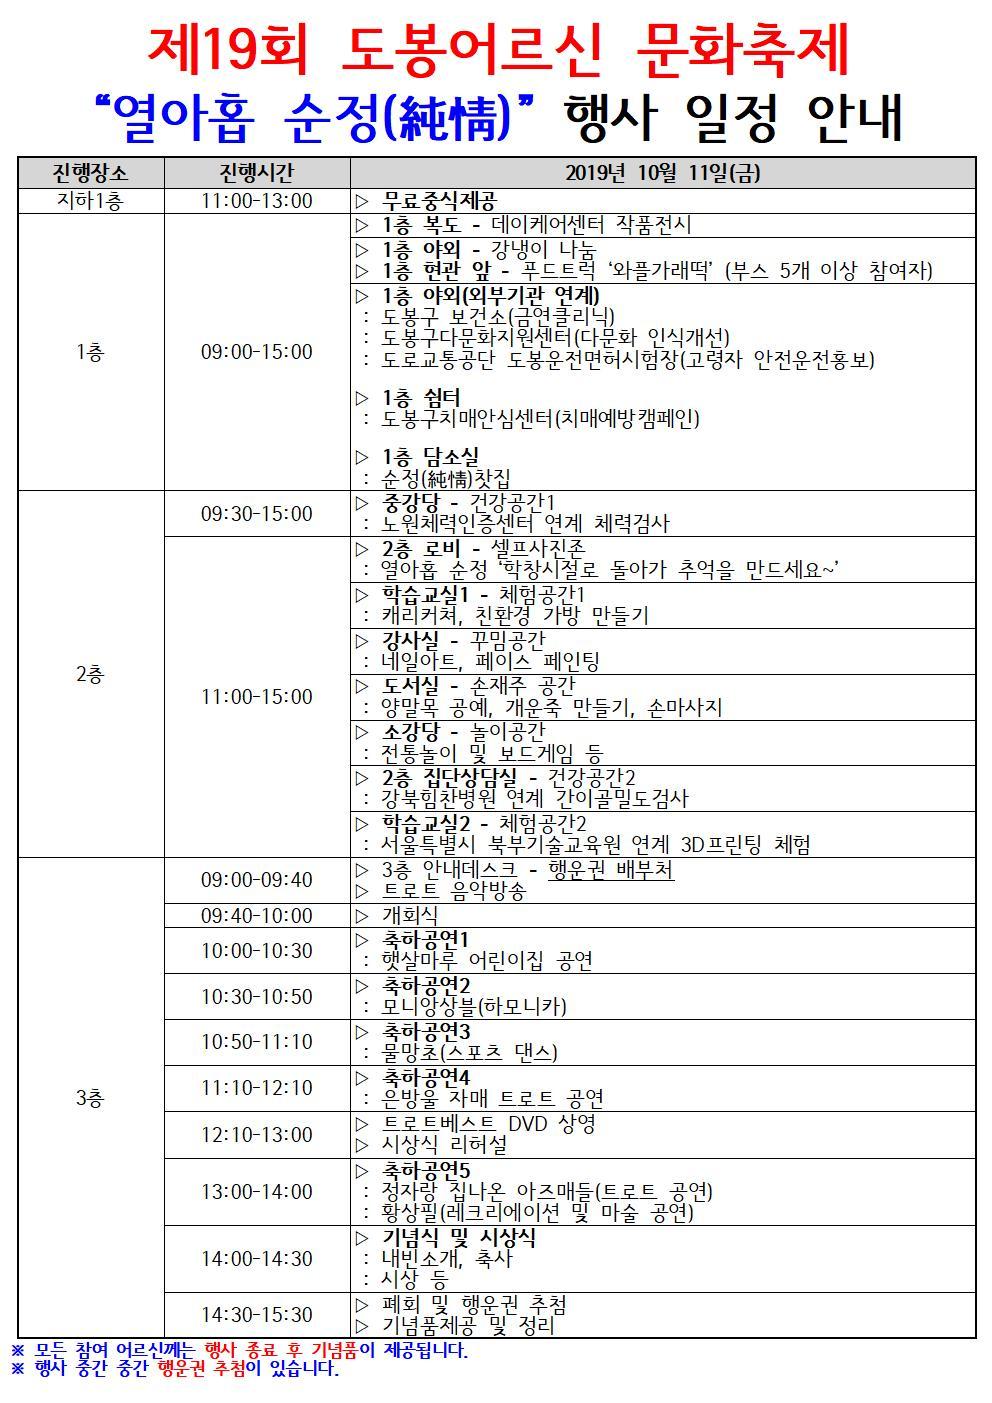 제19회 도봉문화축제 행사일정001.jpg